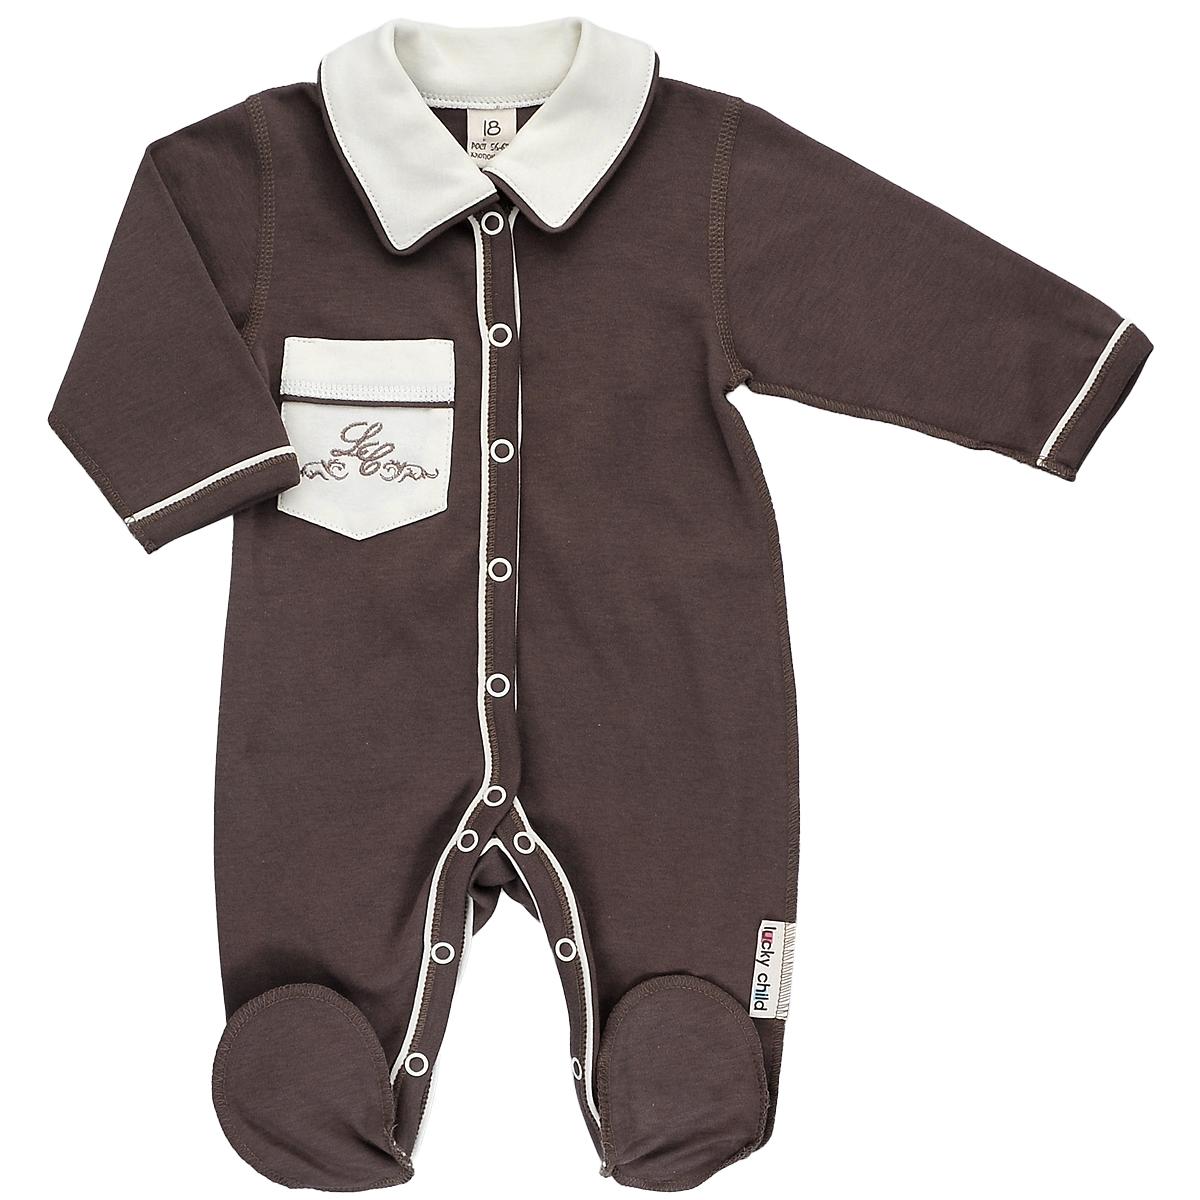 Комбинезон для мальчика Lucky Child, цвет: кофейный. 20-1. Размер 56/6220-1Детский комбинезон Lucky Child - очень удобный и практичный вид одежды для малышей. Комбинезон выполнен из натурального хлопка, благодаря чему он необычайно мягкий и приятный на ощупь, не раздражает нежную кожу ребенка и хорошо вентилируется, а плоские швы приятны телу ребенка и не препятствуют его движениям.Комбинезон с длинными рукавами, отложным воротничком и закрытыми ножками, выполнен швами наружу. Он застегивается на кнопки от горловины до щиколоток, благодаря чему переодеть младенца или сменить подгузник будет легко.Низ рукавов и планка с кнопками дополнены контрастными вставками. Спереди на комбинезоне имеется накладной кармашек, декорированный вышивкой. Воротник выполнен в контрастном цвете.С детским комбинезоном спинка и ножки вашего ребенка всегда будут в тепле, он идеален для использования днем и незаменим ночью. Комбинезон полностью соответствует особенностям жизни младенца в ранний период, не стесняя и не ограничивая его в движениях!